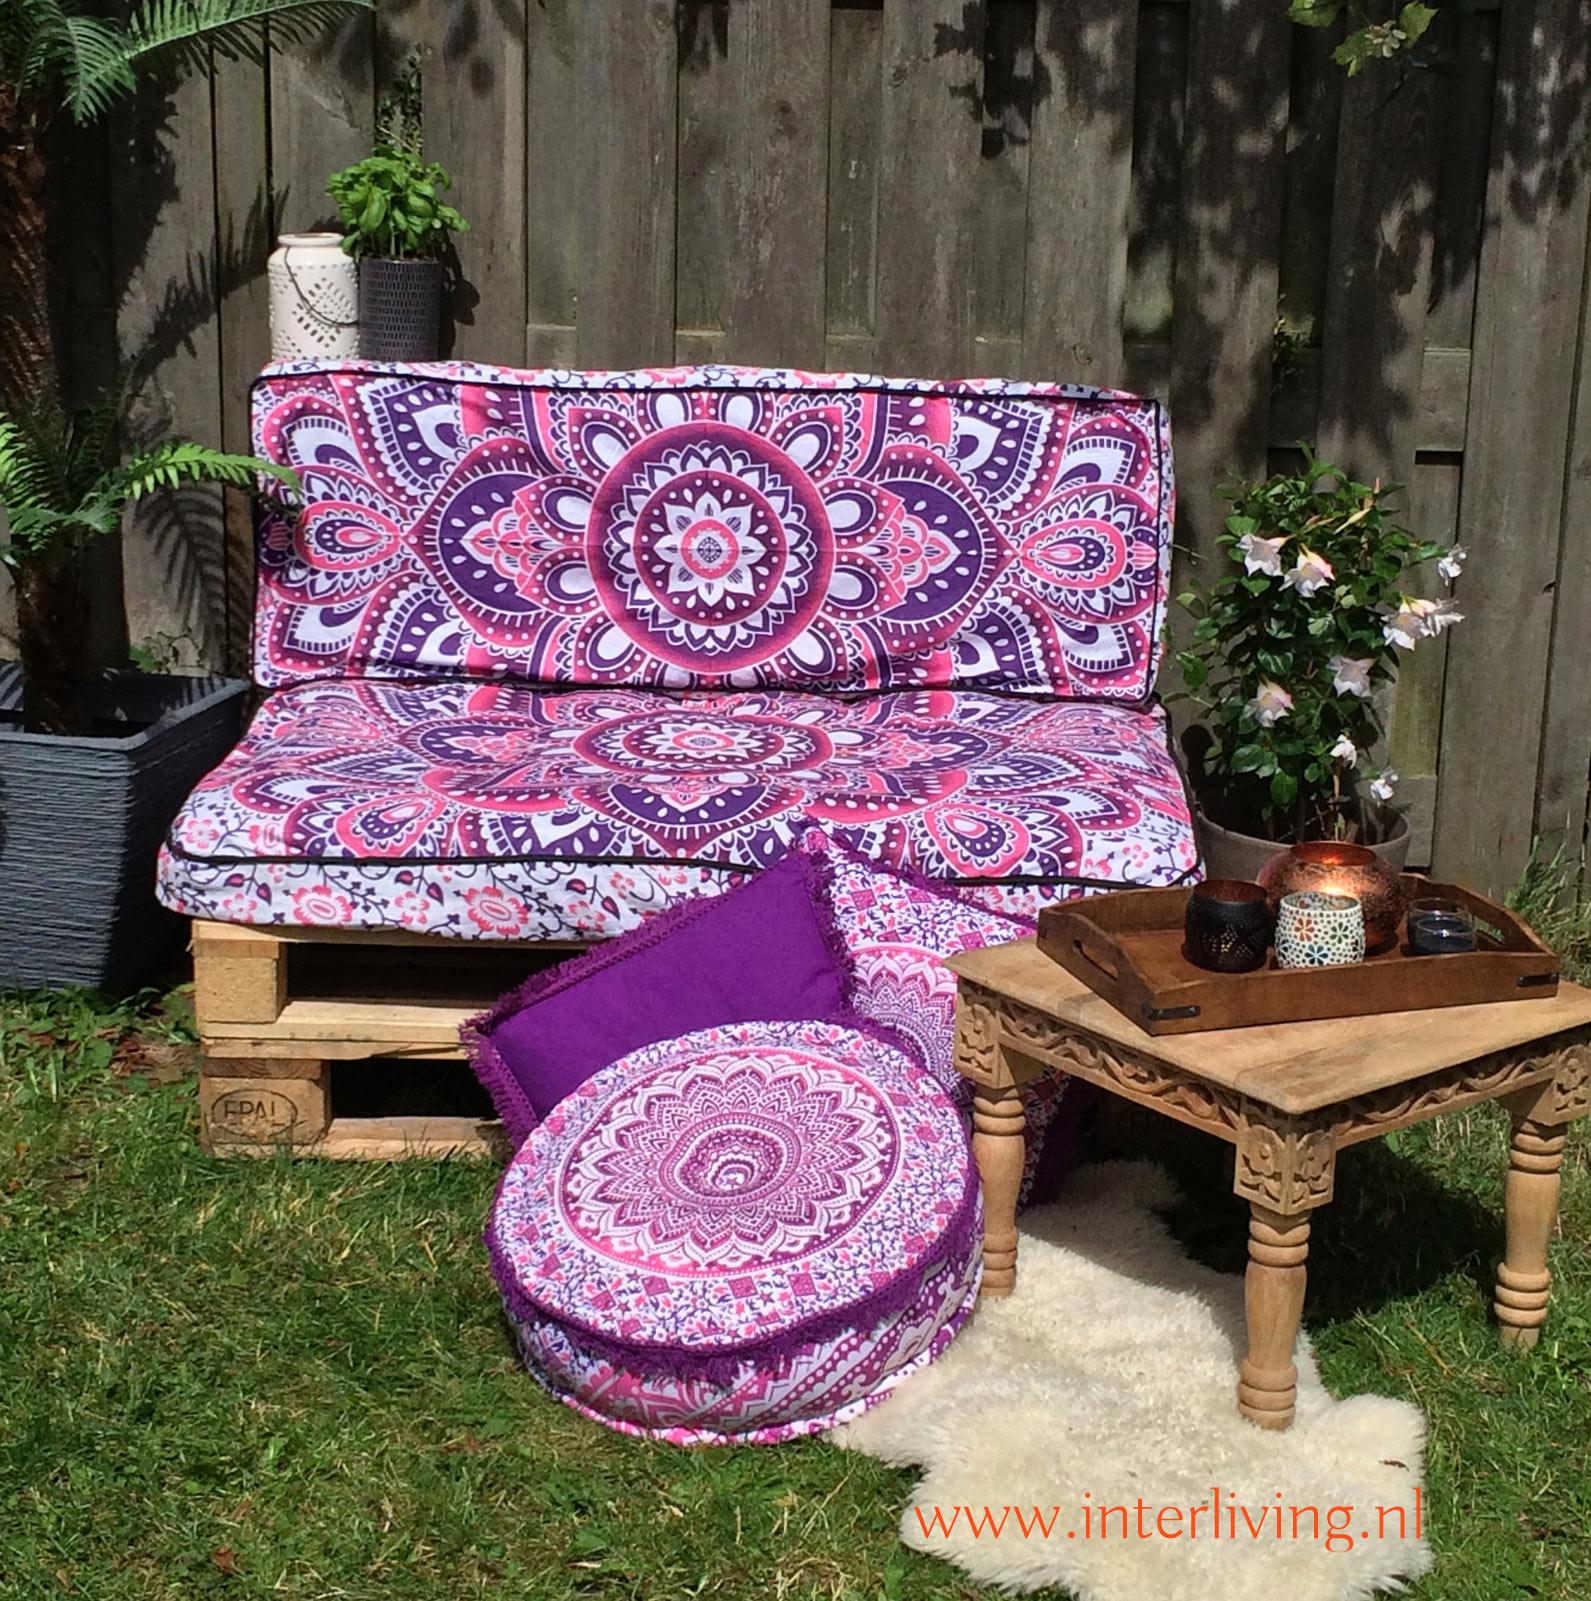 Palletkussens voor je oosterse boho tuin loungehoek - op maat gemaakte hoezen passen bij de kussens voor een palletbank uit de bouwmarkt